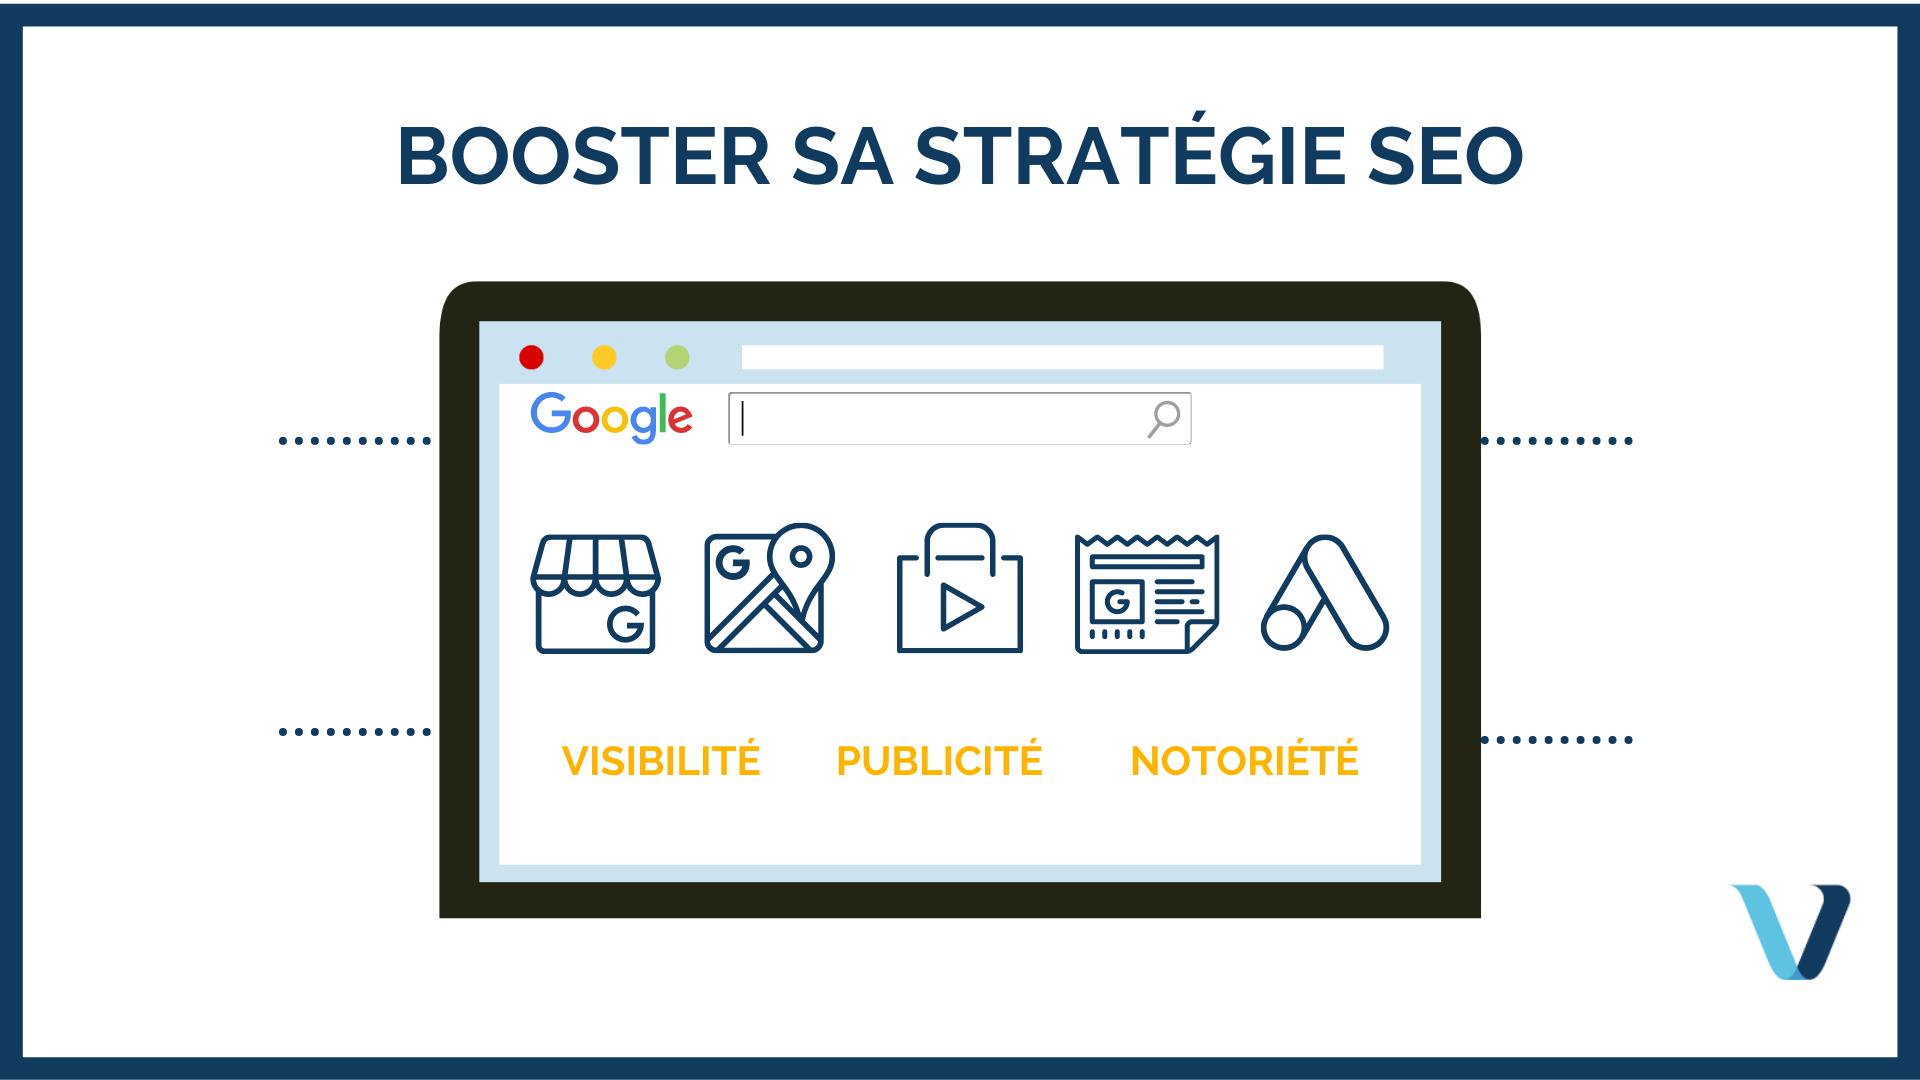 Quelles sont les fonctionnalités de Google pour une stratégie de SEO ?